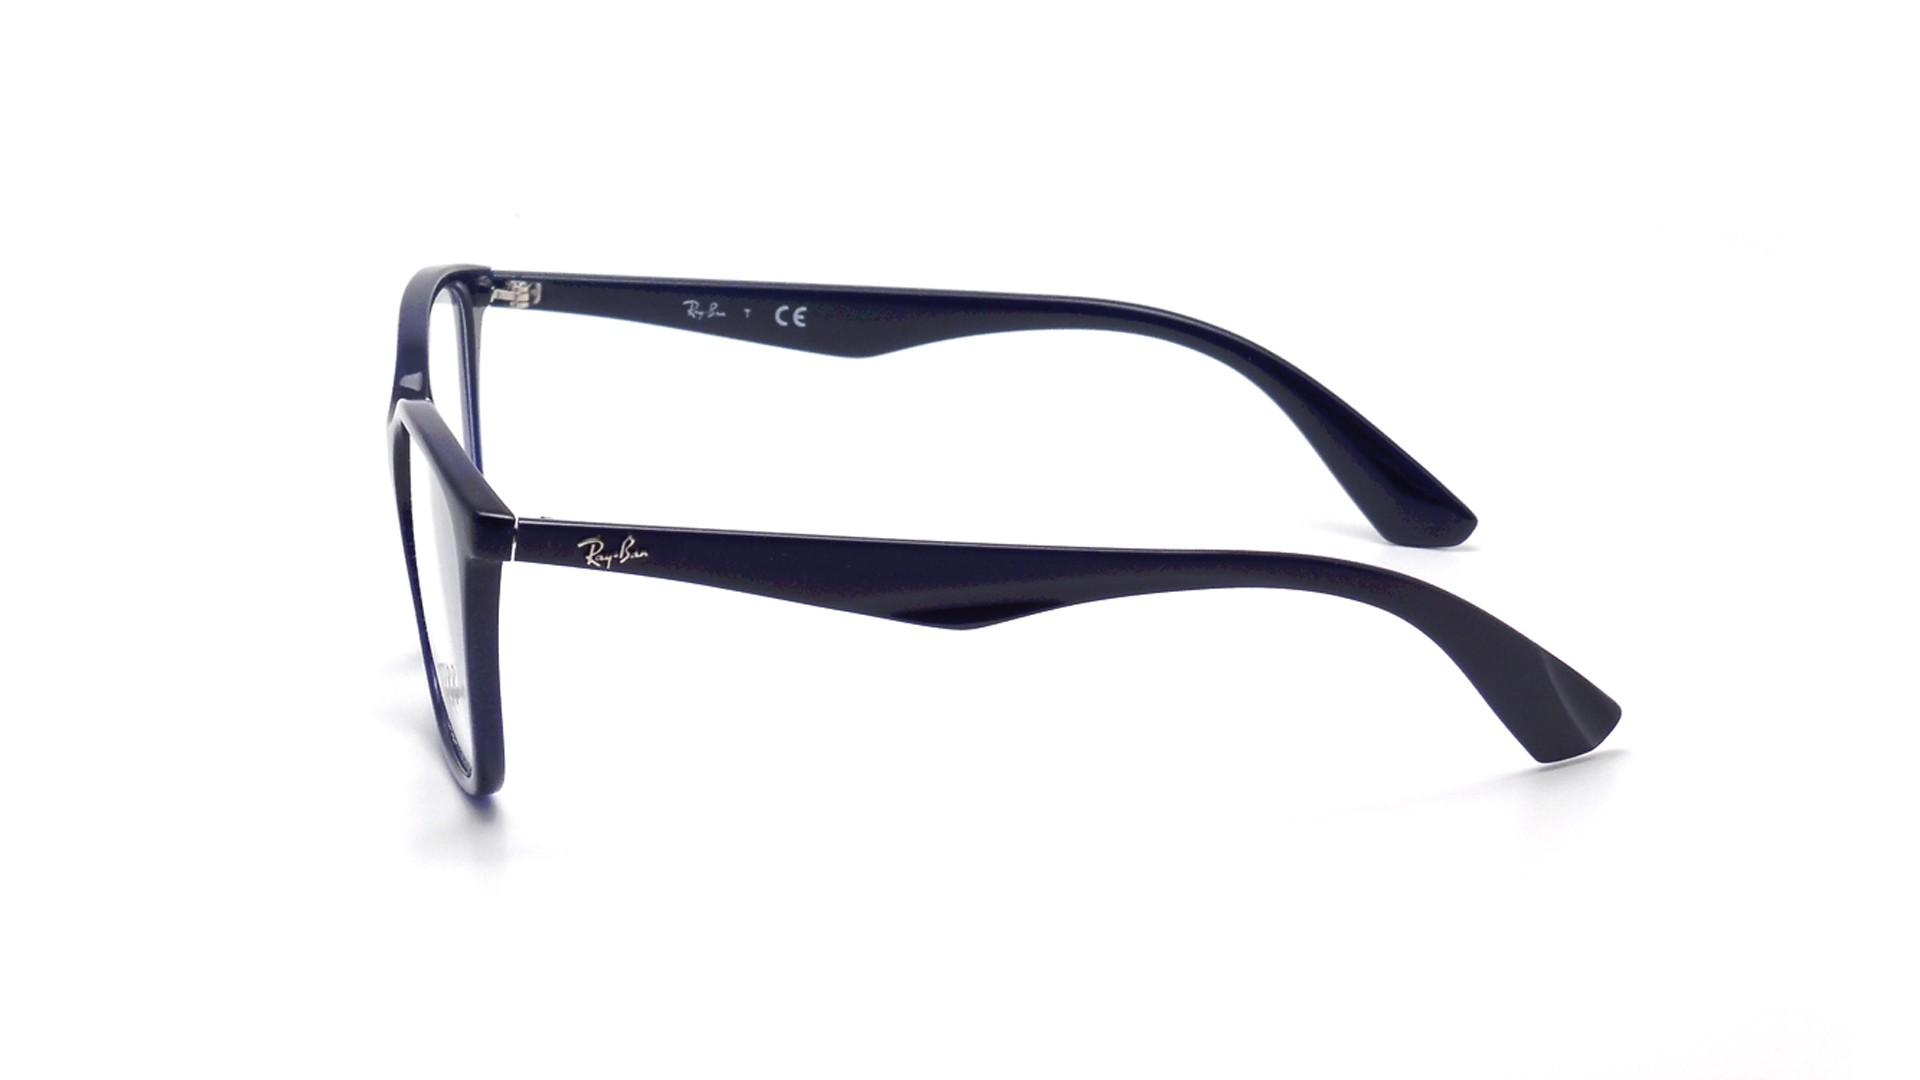 essayage virtuel lunettes ray ban Lunettes et montures pour femmes, hommes et enfants correctrices, solaires ou anti lumière bleue, toutes nos montures sont fabriquées en france.